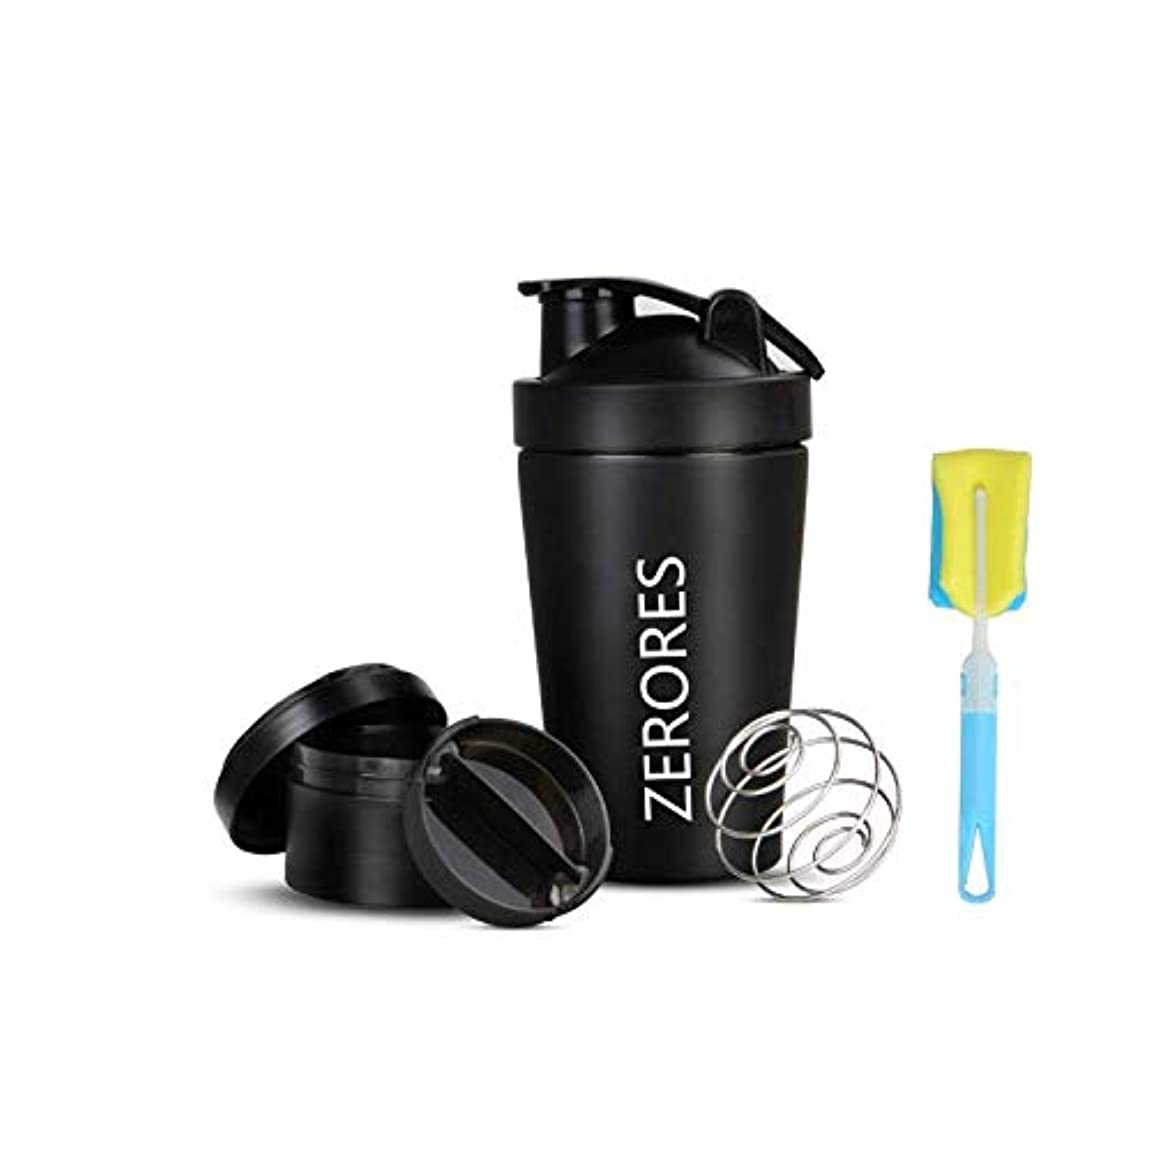 発表するランダム樹皮ZERORESステンレススチールスポーツウォーターボトルシェーカーカップ、漏れ防止、BPAフリー(黒い) 600ML